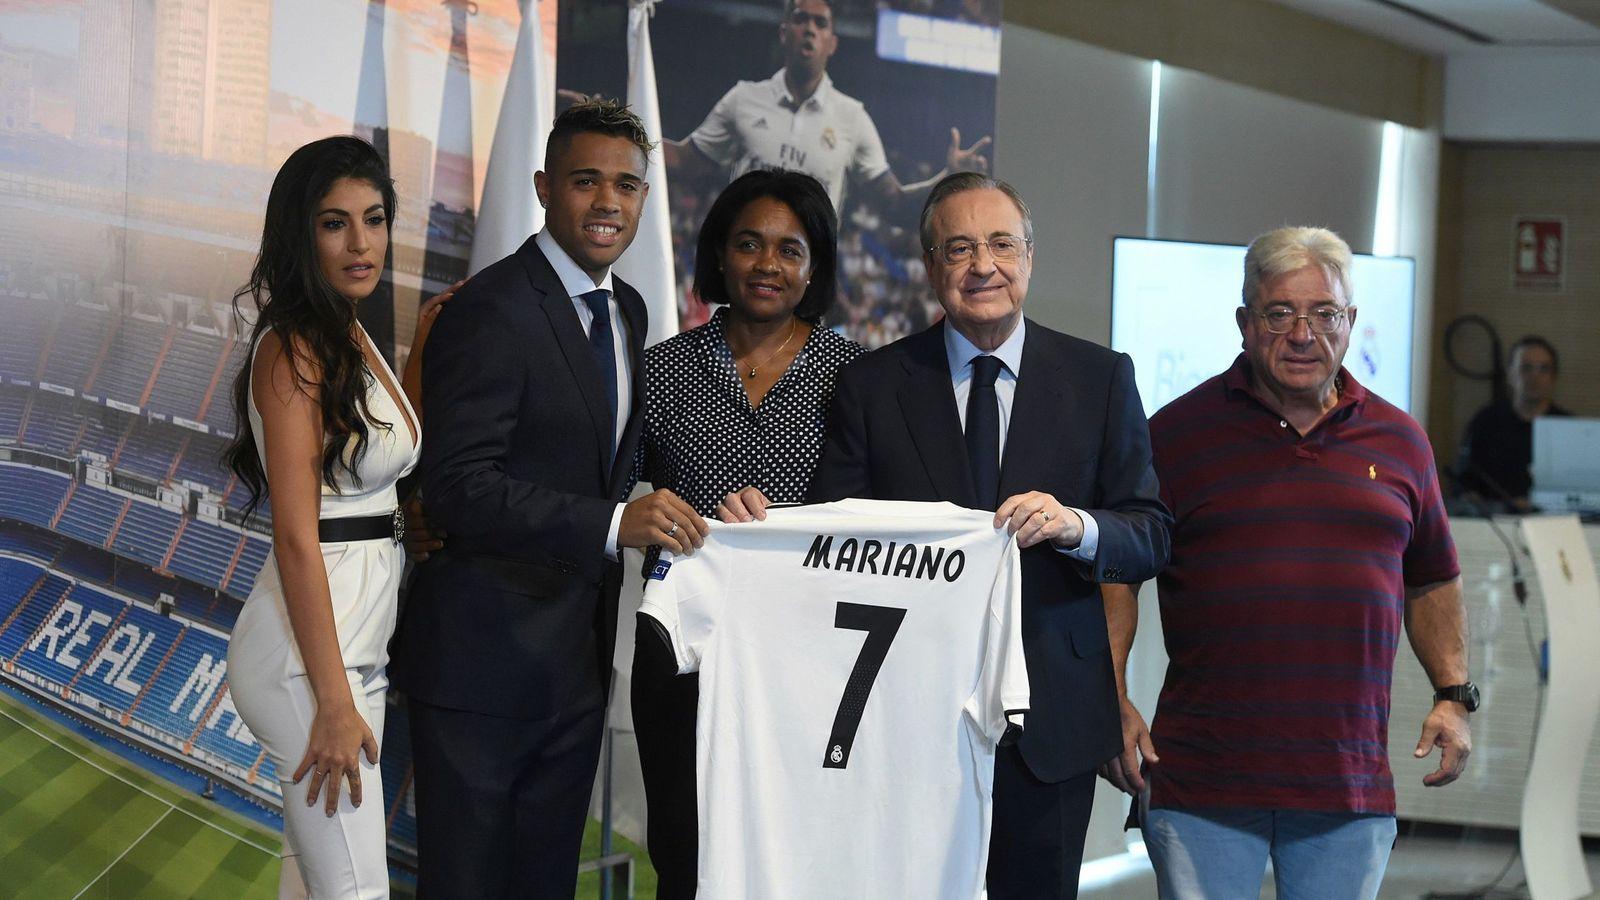 Foto: Mariano posa con la camiseta y el dorsal '7' junto a Florentino y sus familiares en el palco del Bernabéu. (Efe)